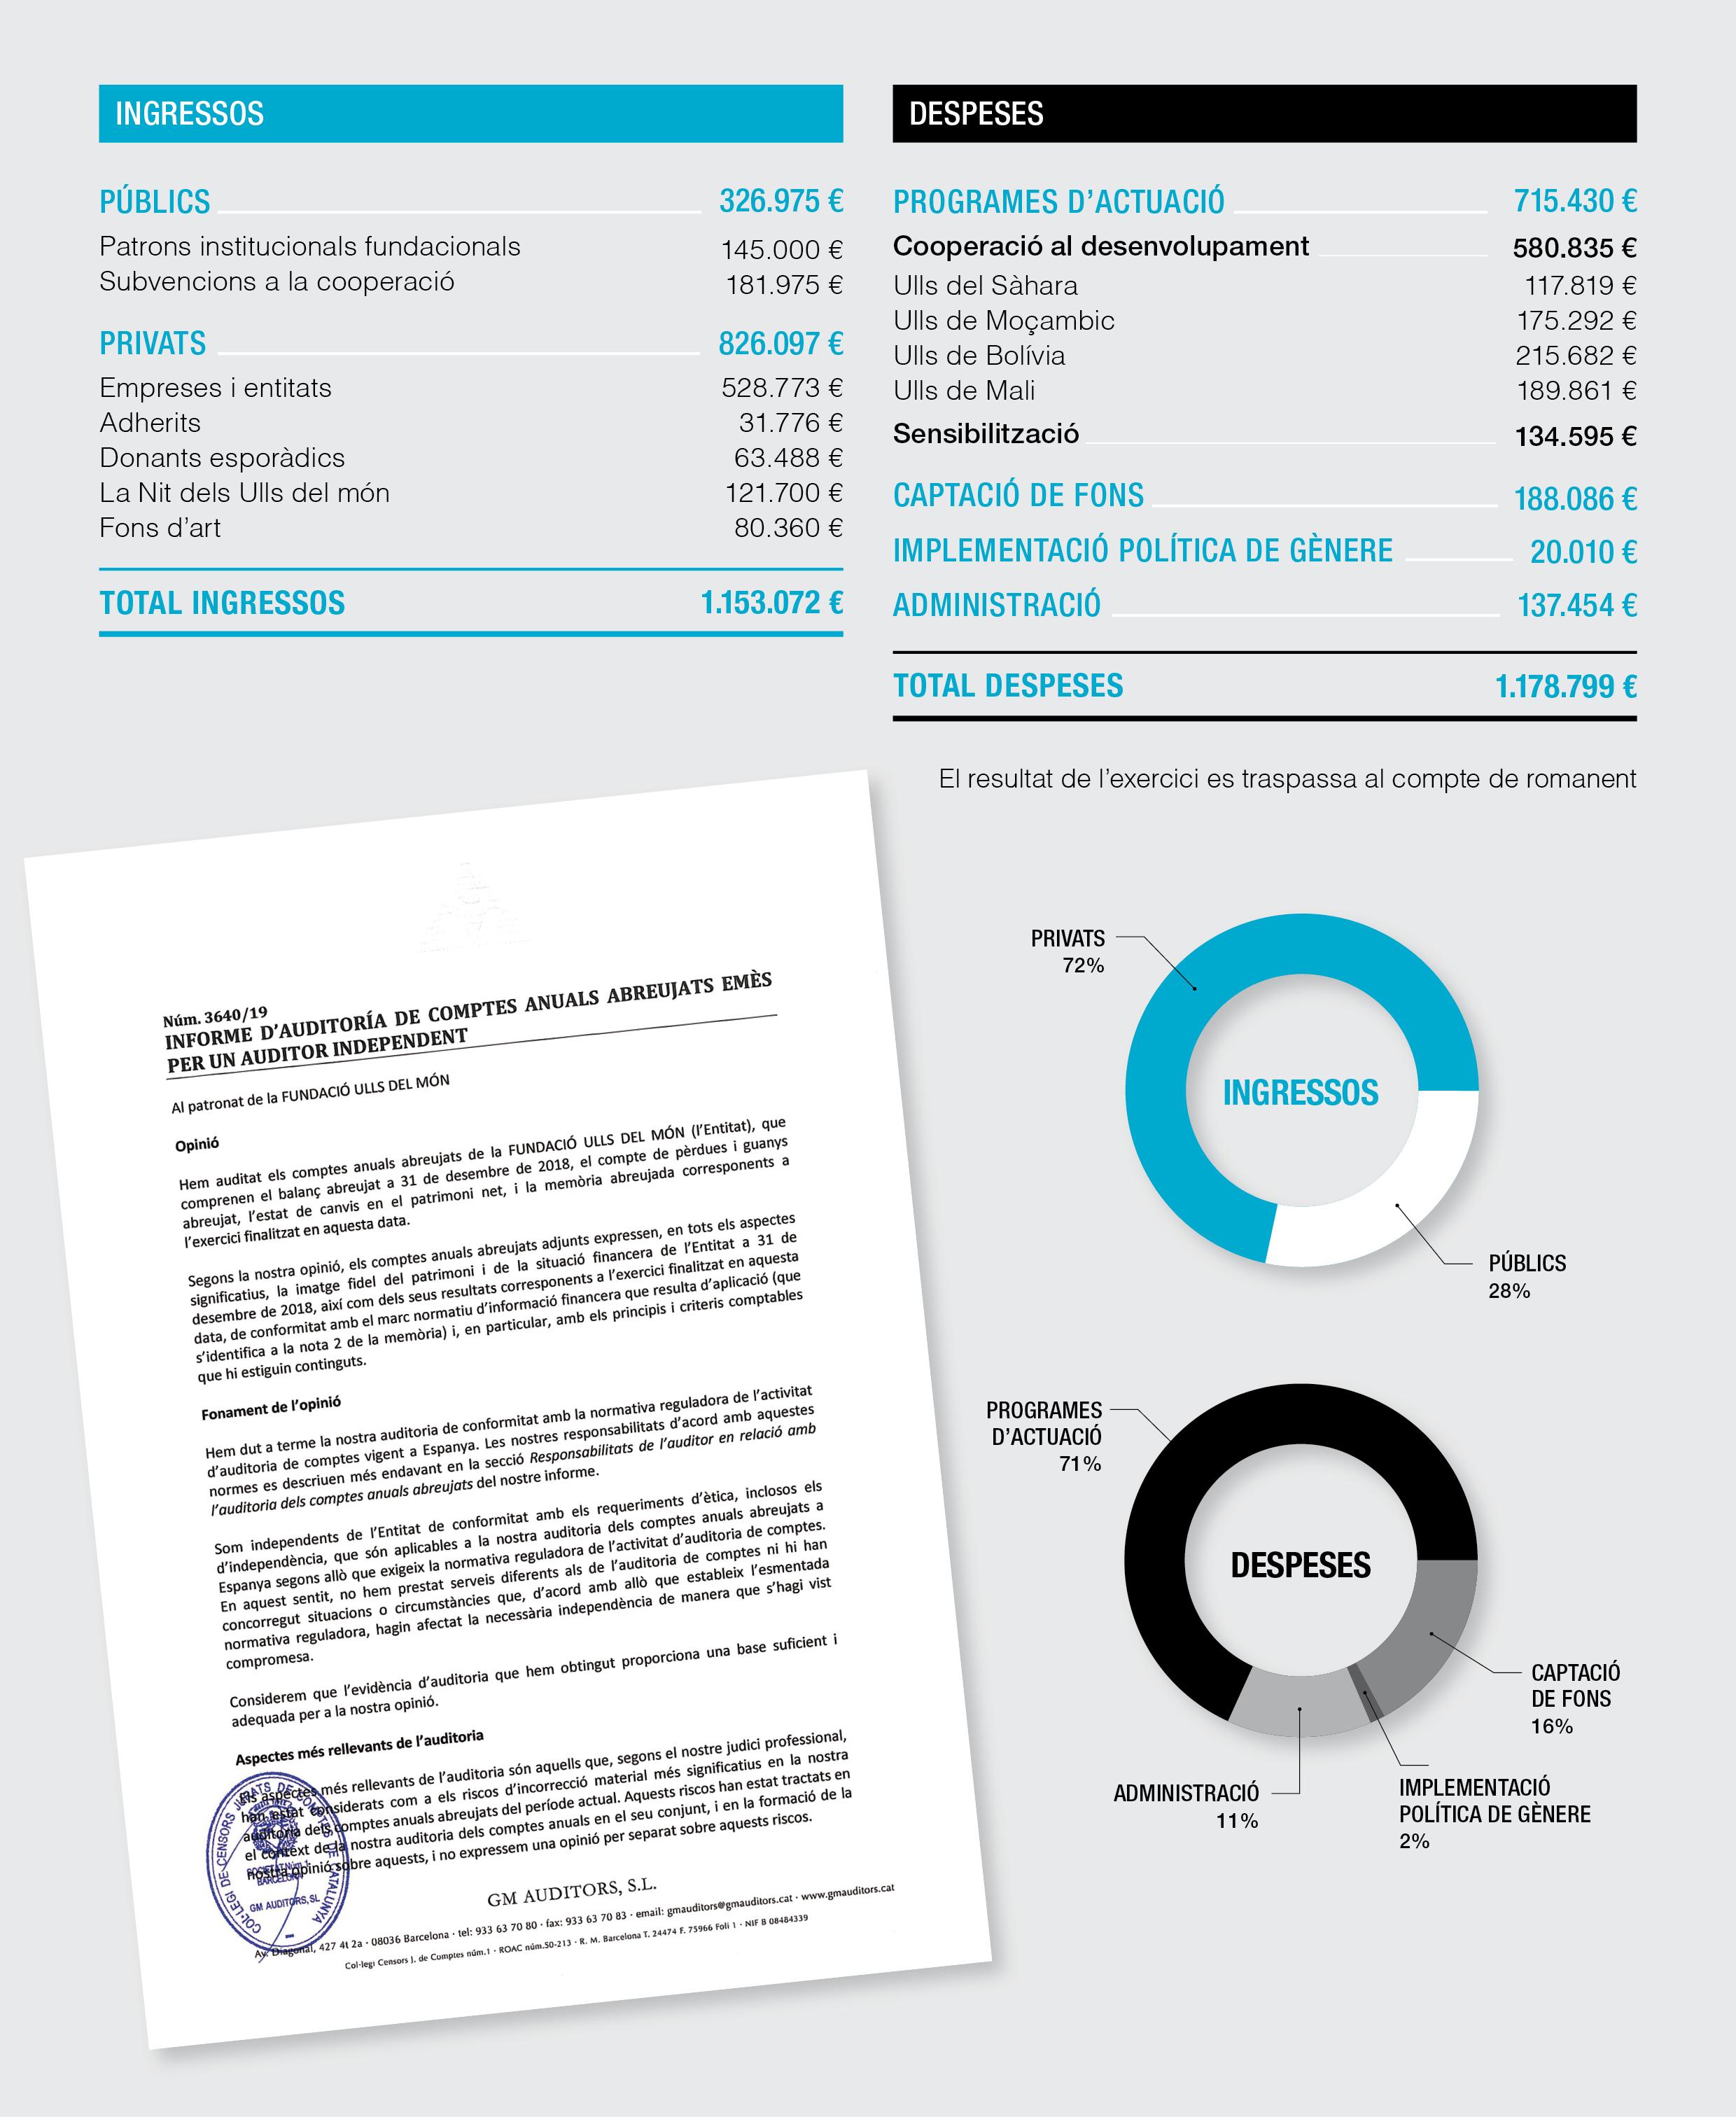 Comptes anuals 2018 de la Fundació Ulls del món